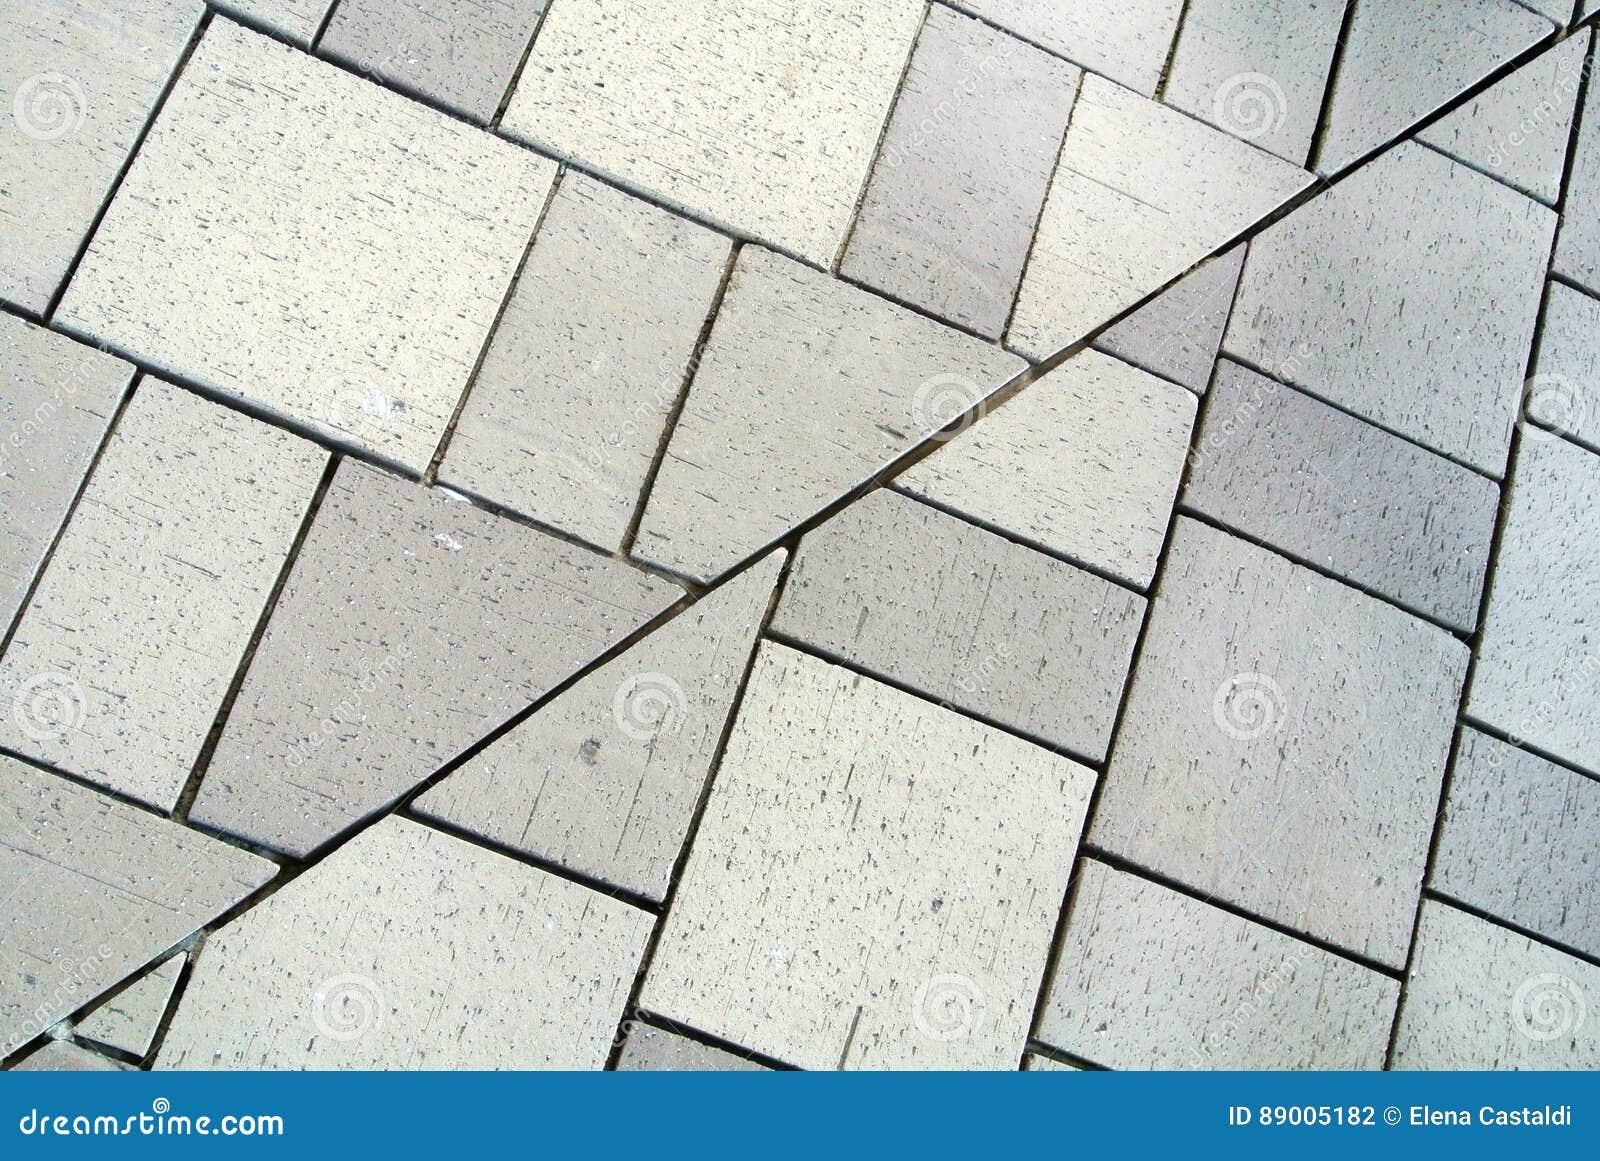 Piastrelle per pavimento con i giunti fotografia stock